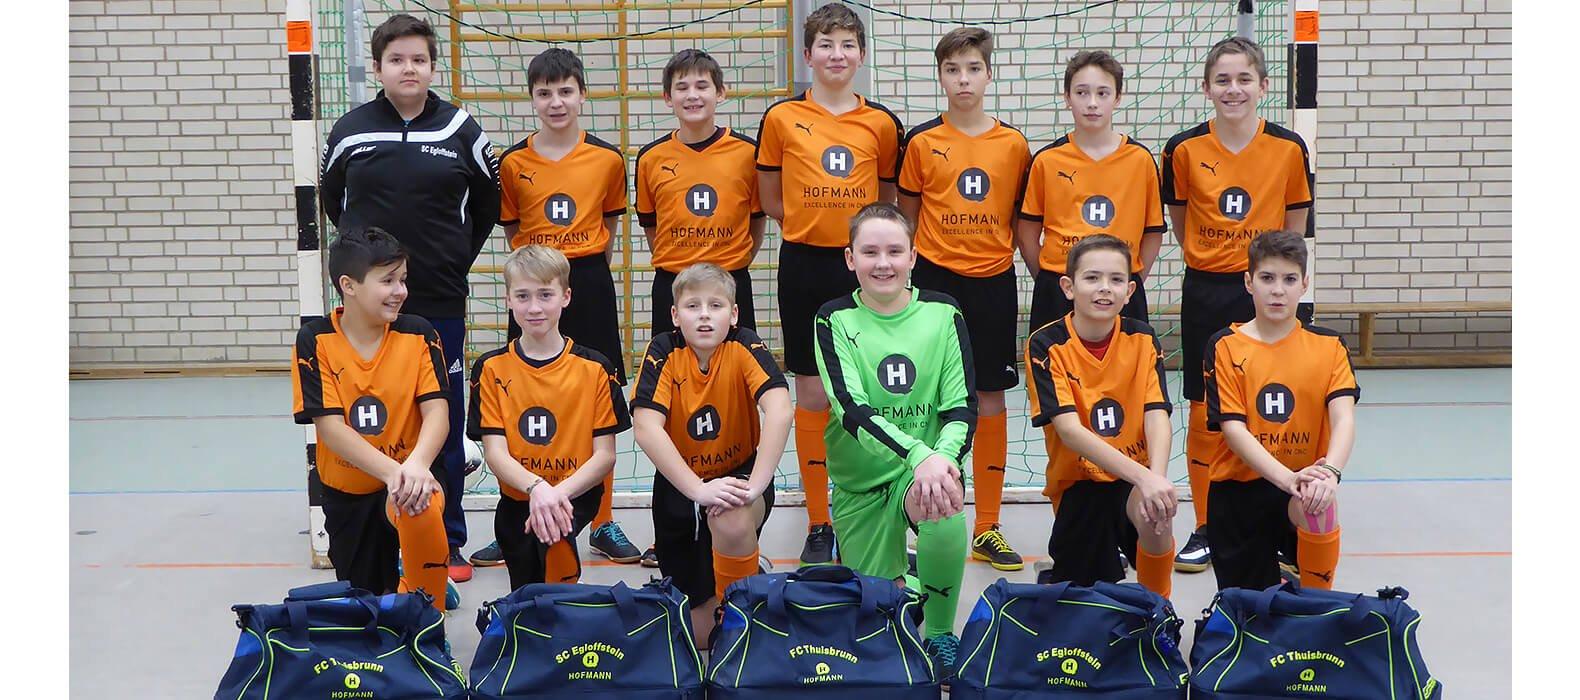 SG Thuisbrunn Egloffstein D-Jugend Trikots